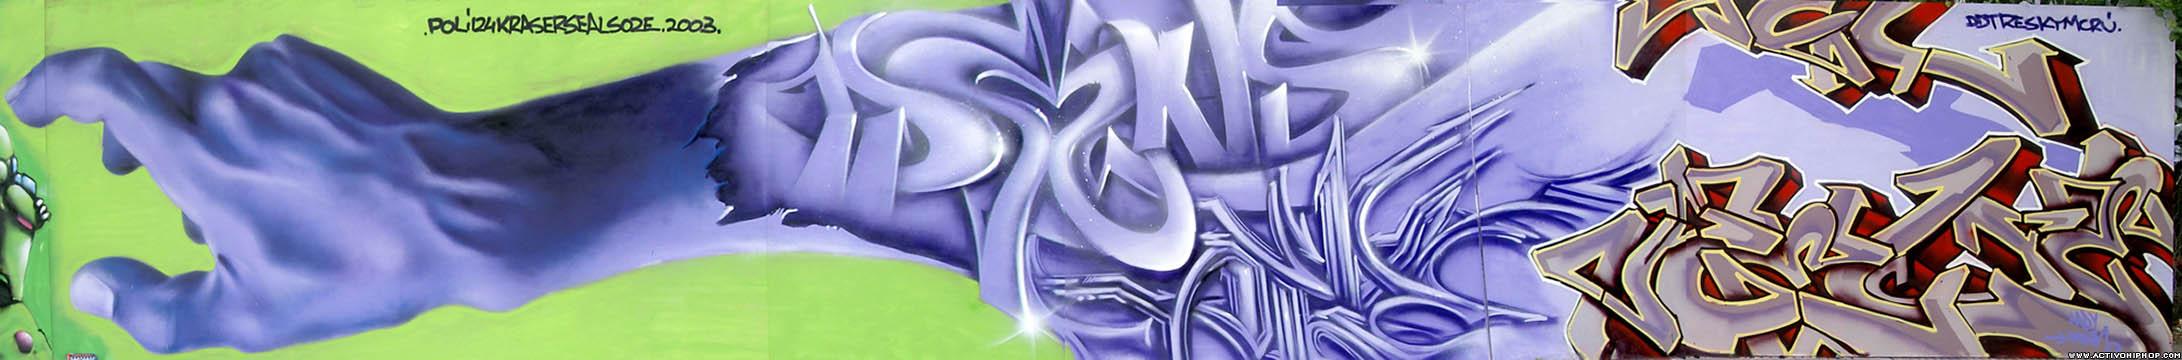 Activo Hip Hop - GRAFFITI: Graffiti de Cartagena parte 2: Poli124 ...